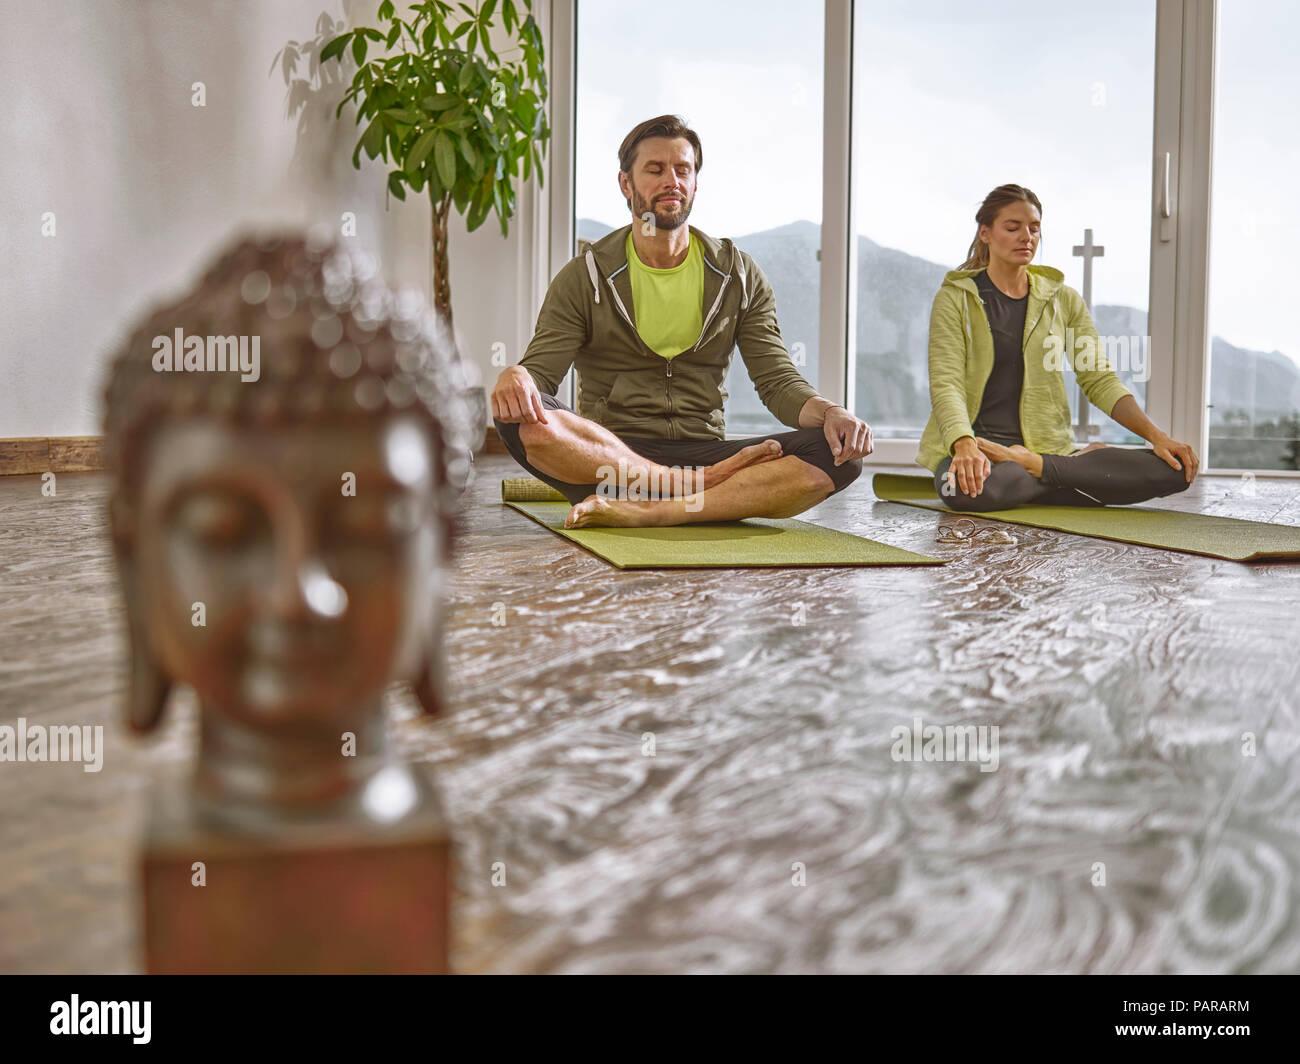 Matura la pratica dello yoga in una camera con finestra panoramica Immagini Stock